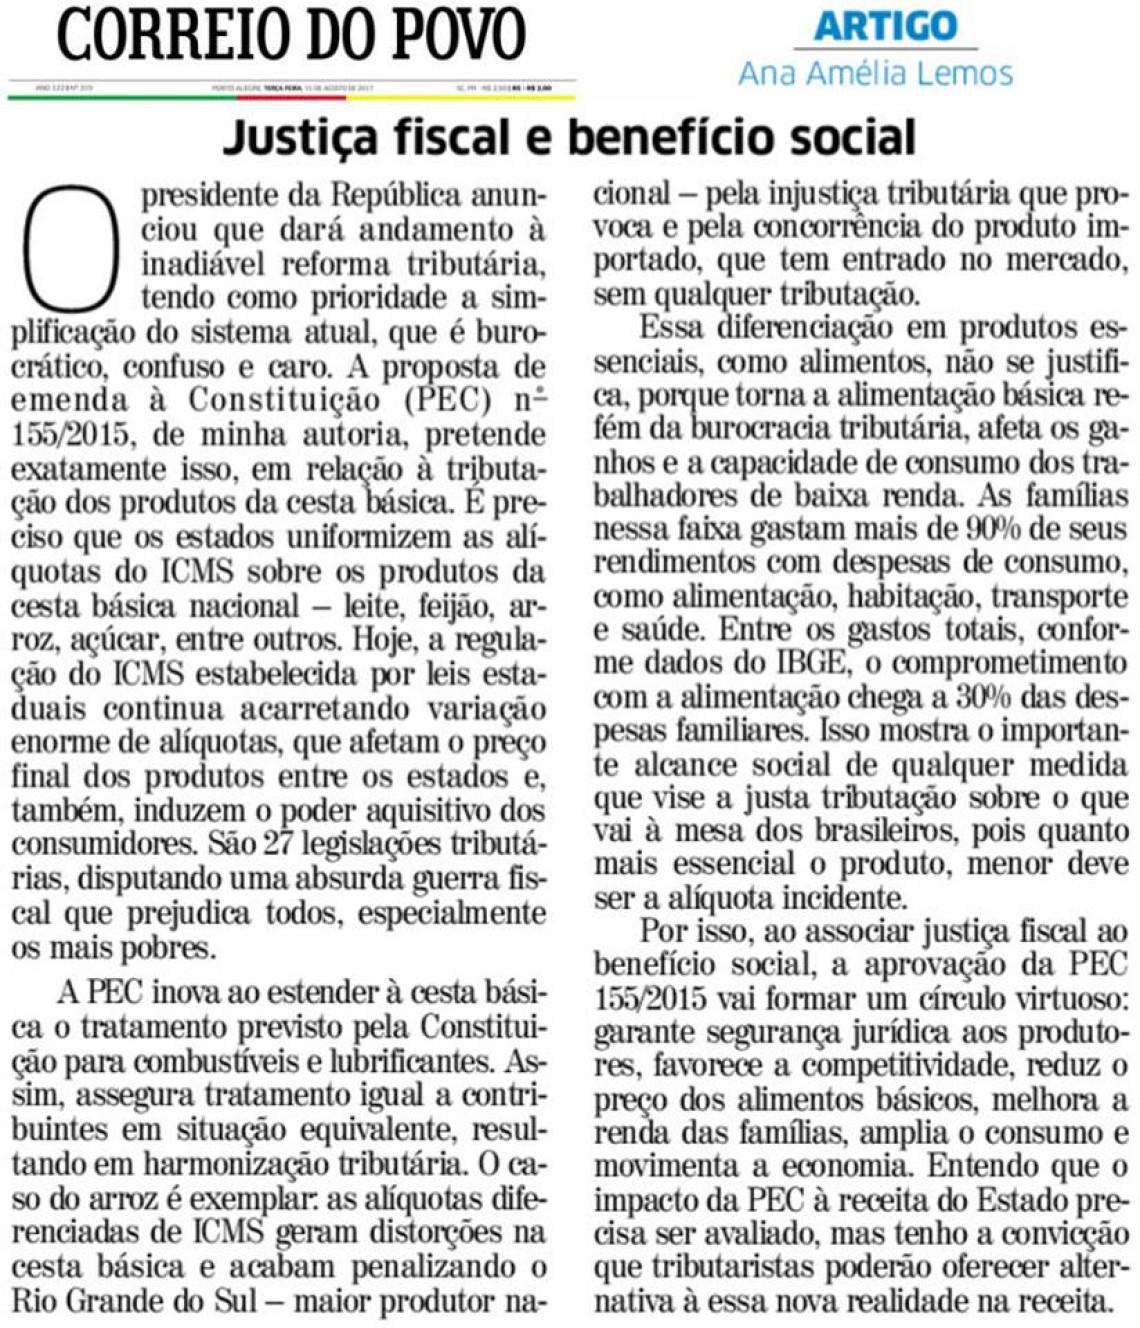 Correio do Povo: Justiça fiscal e benefício social